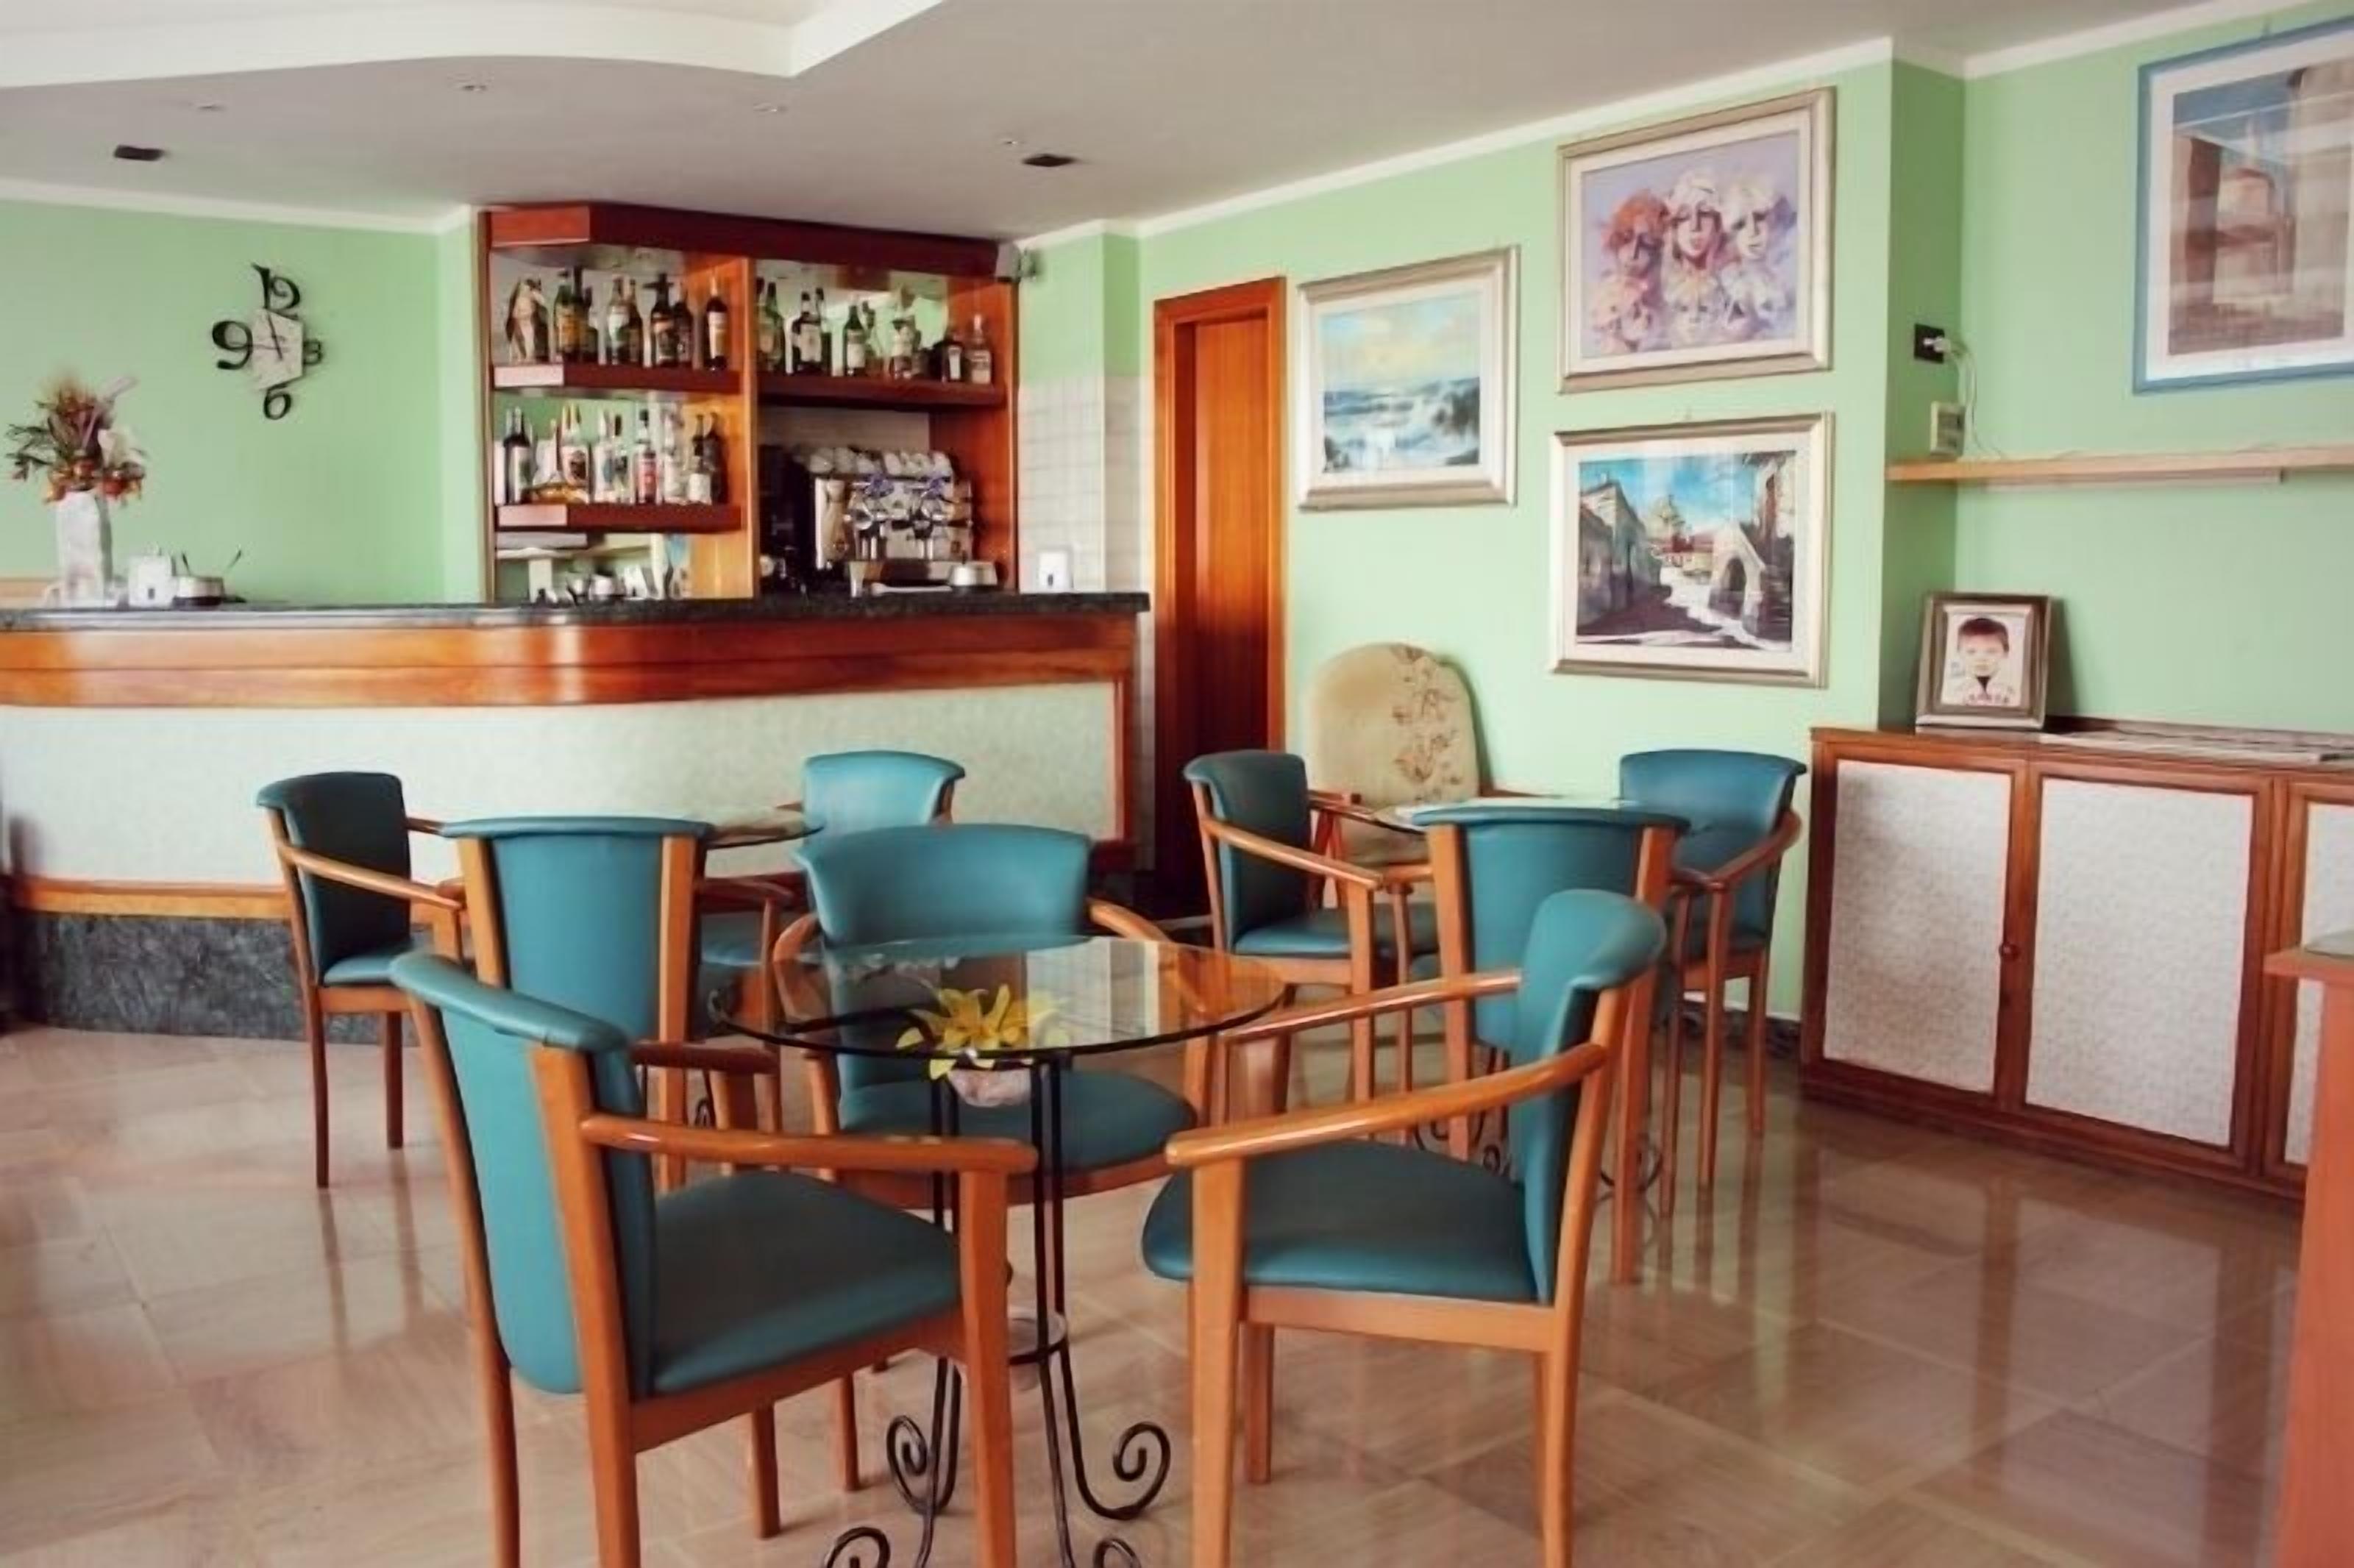 Hotel Elisa - Hotel Lounge  - #0